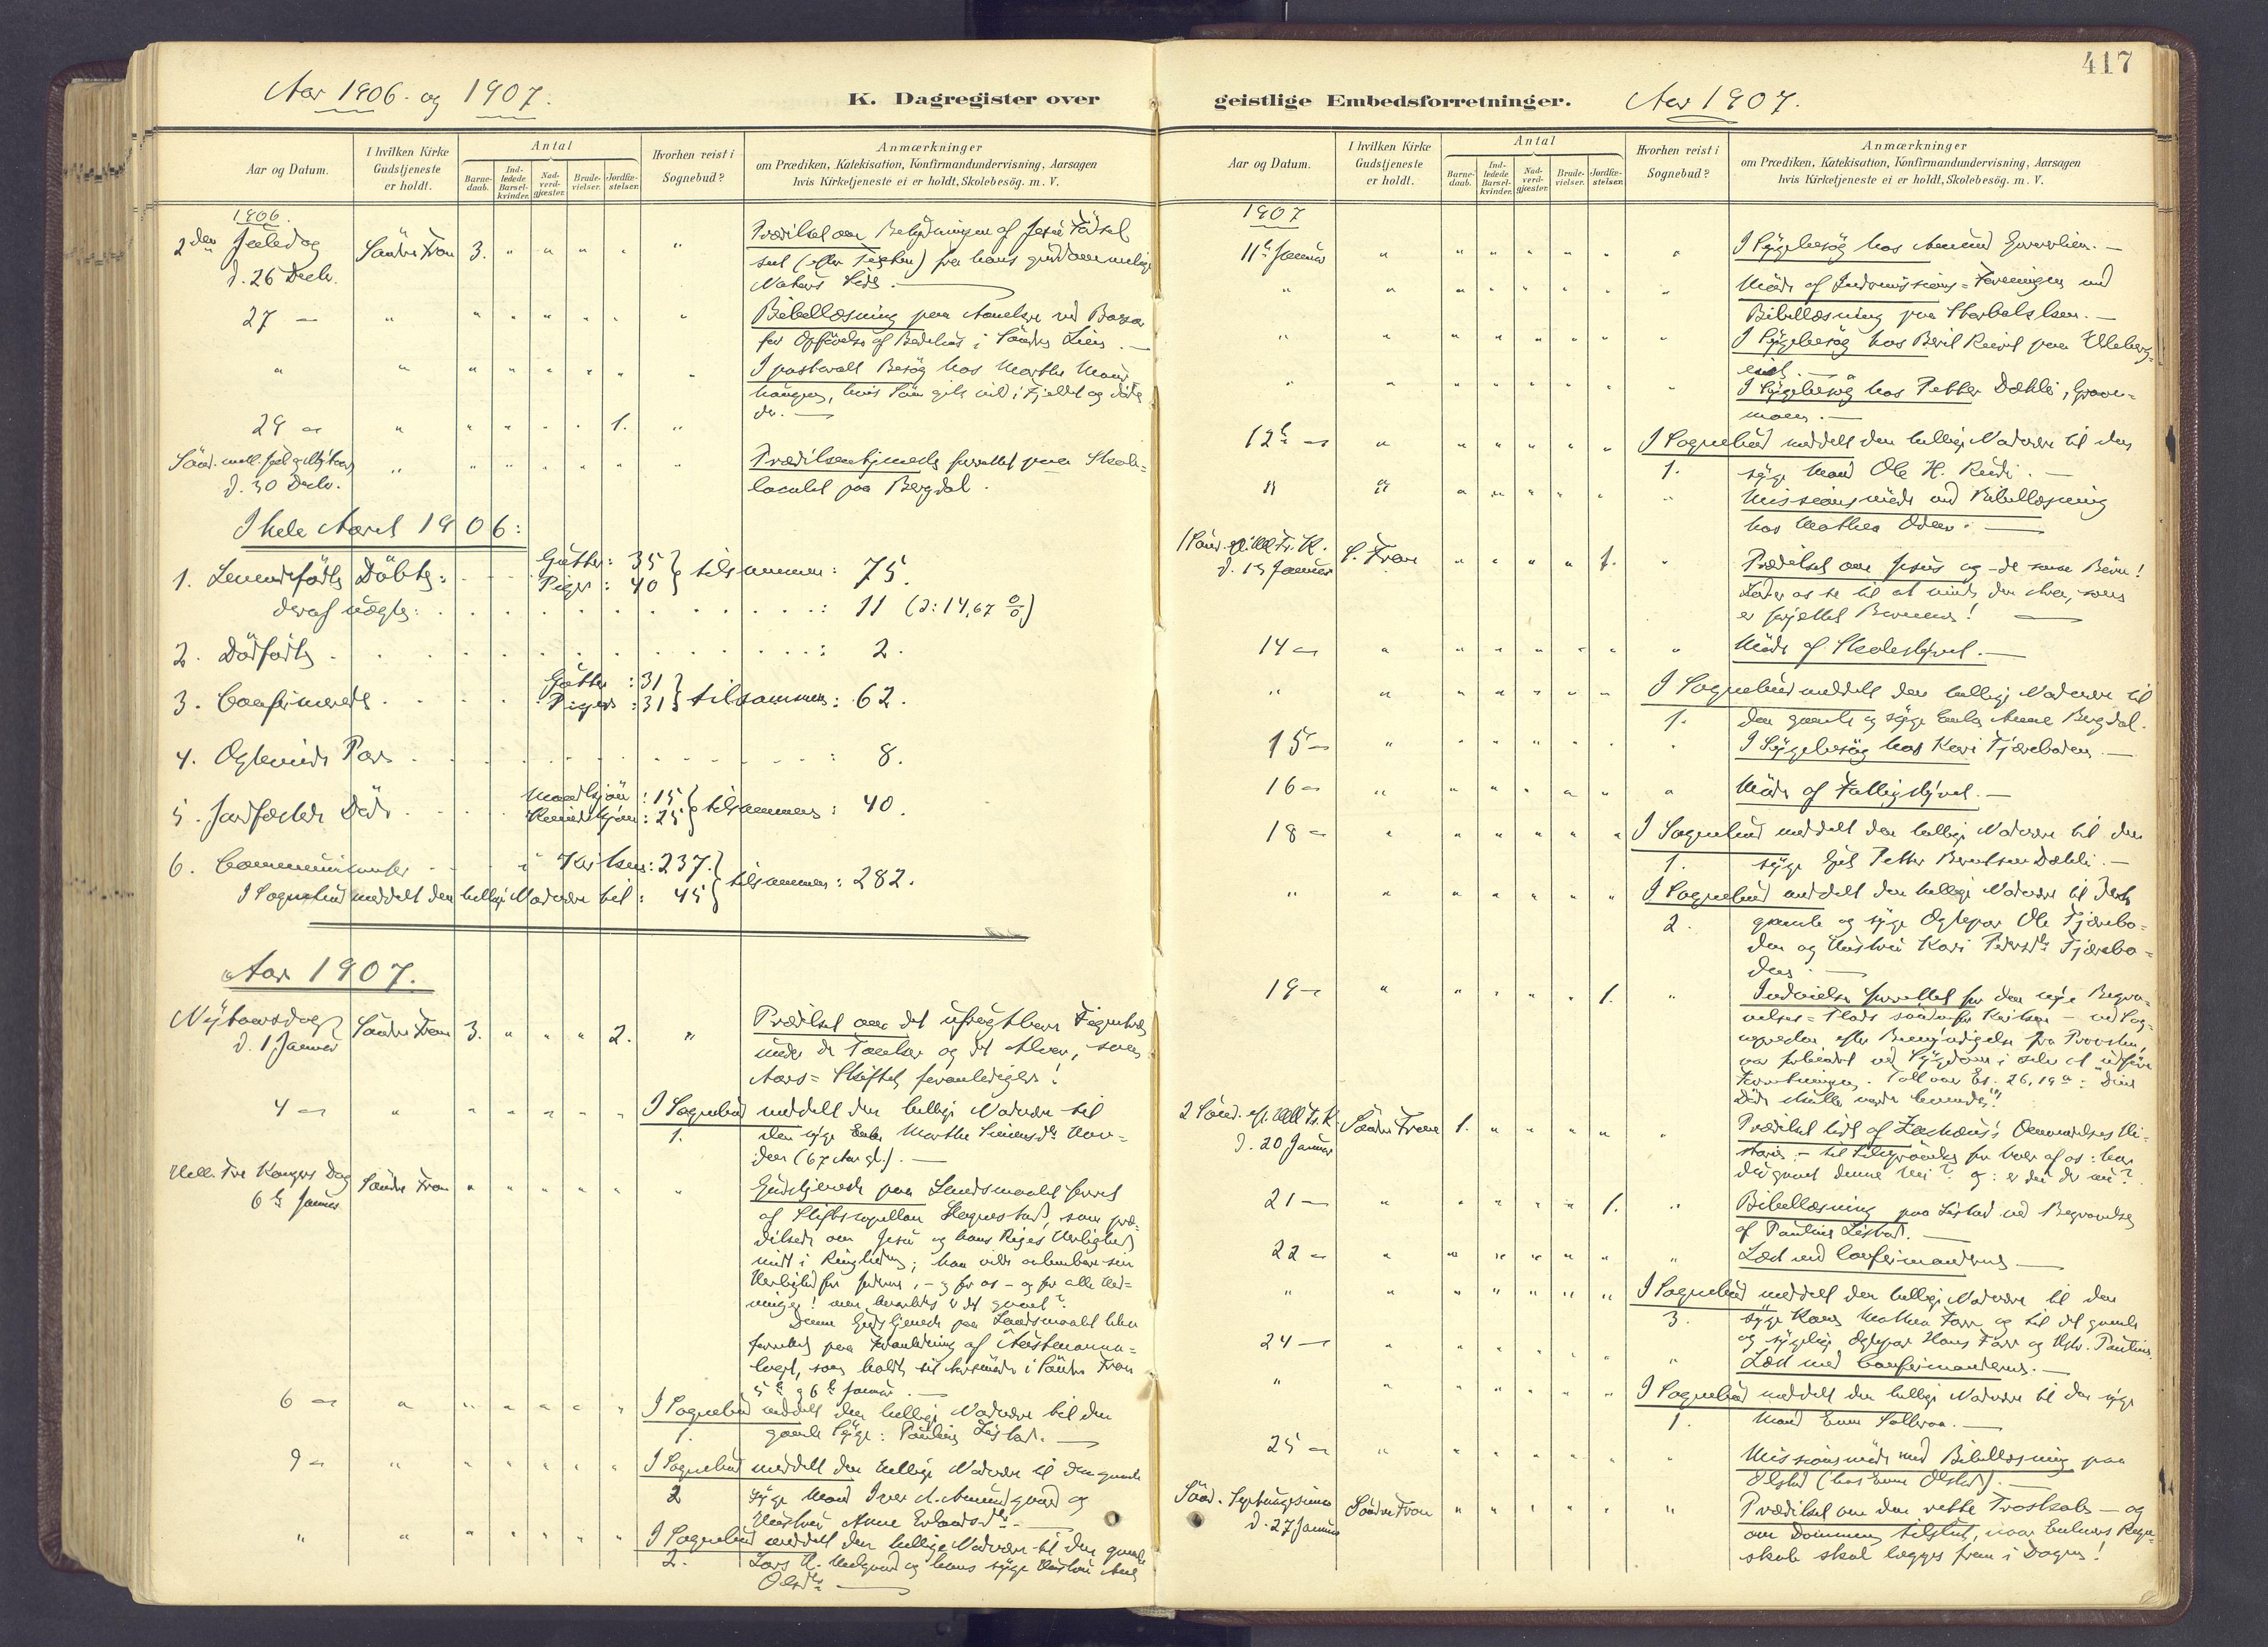 SAH, Sør-Fron prestekontor, H/Ha/Haa/L0004: Ministerialbok nr. 4, 1898-1919, s. 417